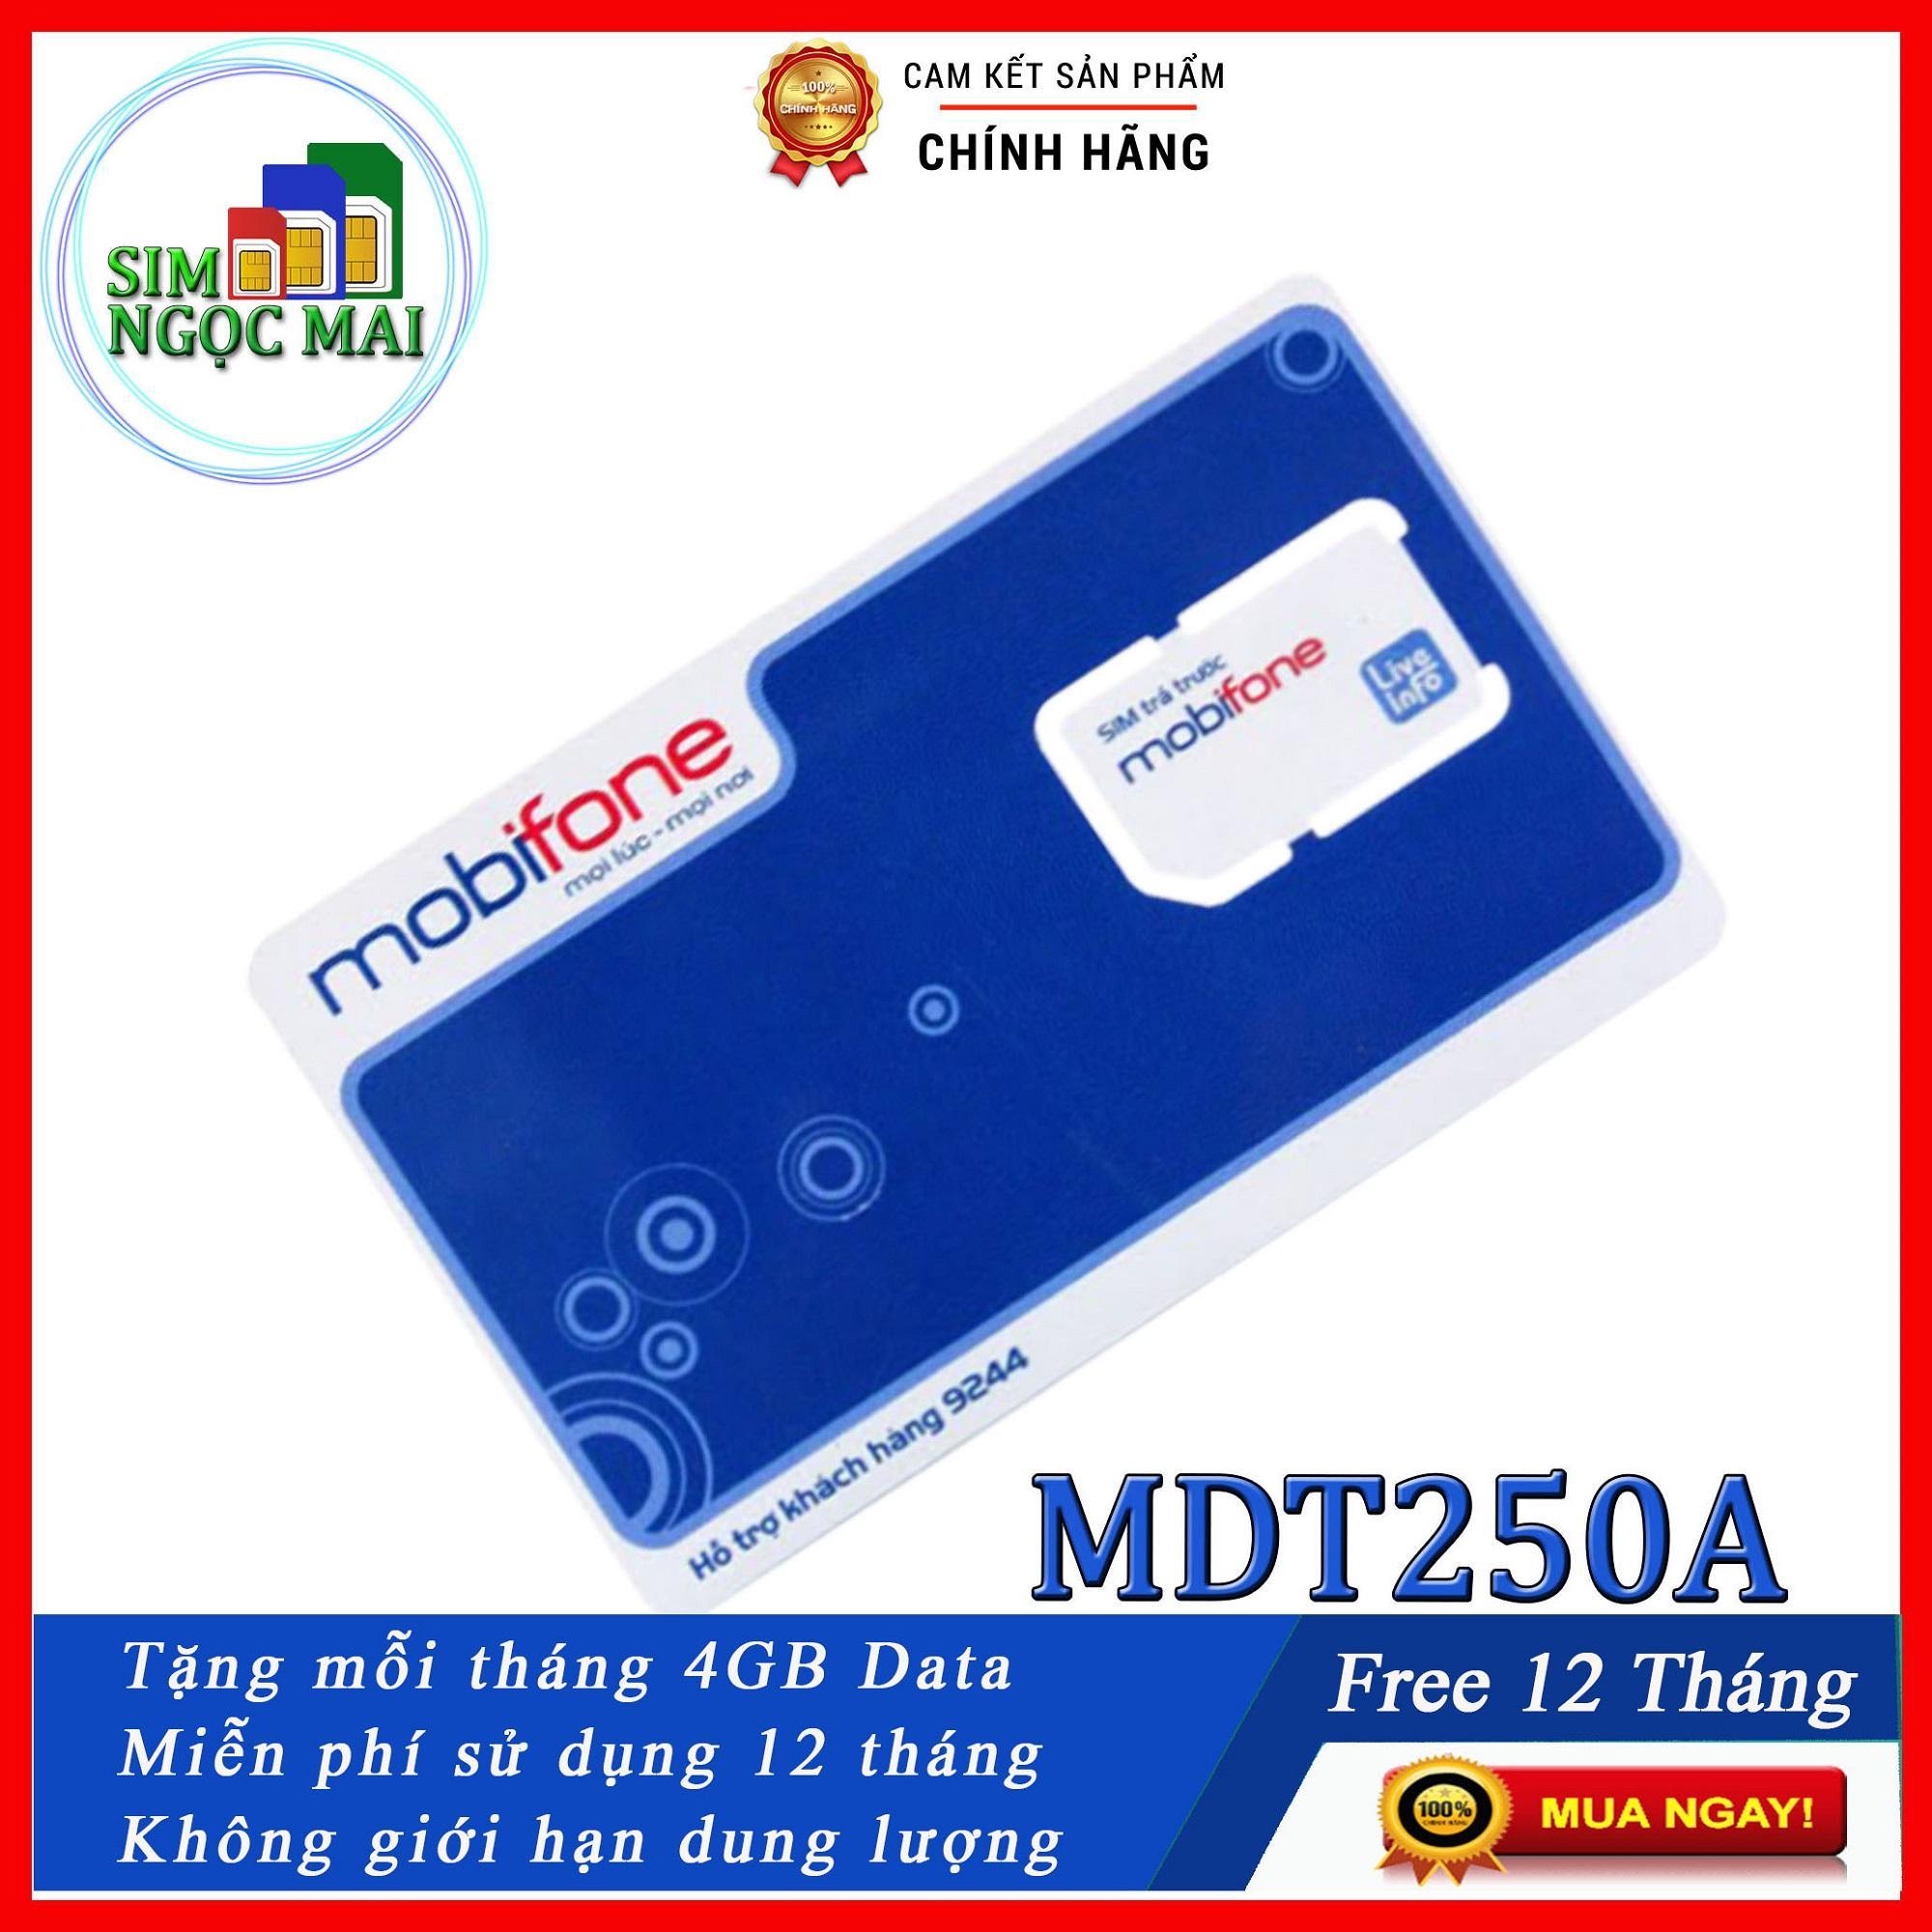 Giá Sim 4G Mobifone Trọn gói 1 năm MDT250A ( 4gb/Tháng) - MOBI MDT250A